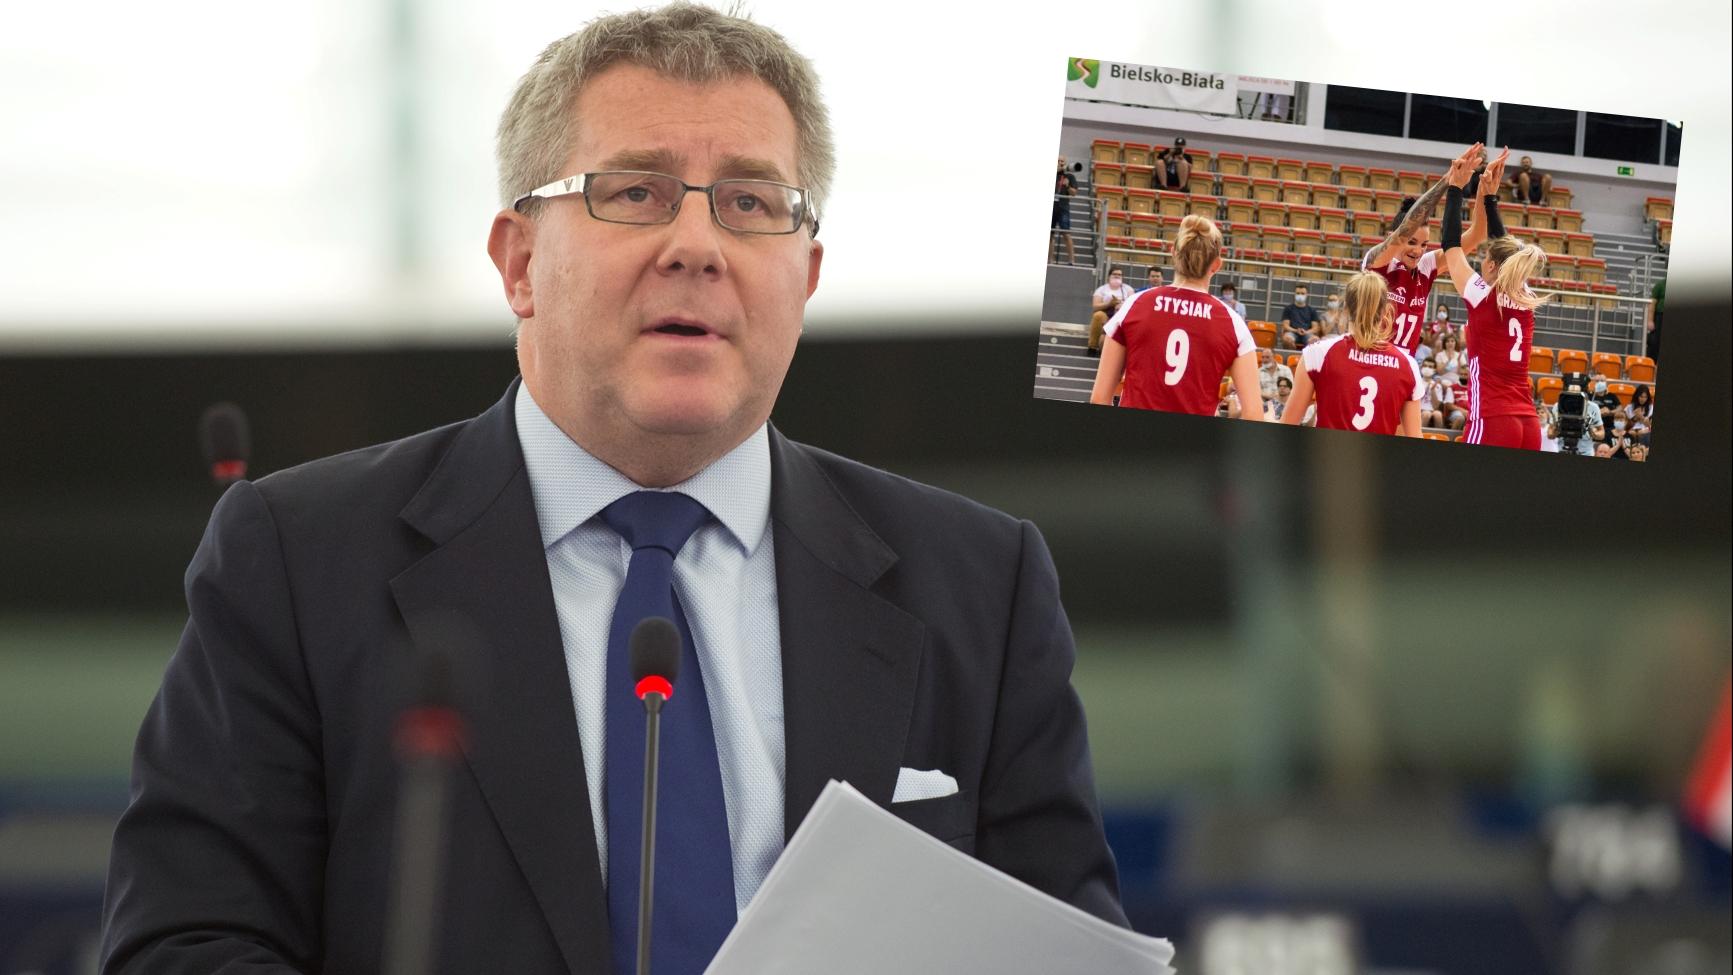 """Czarnecki nowym prezesem Polskiego Związku Piłki Siatkowej? """"Jestem człowiekiem ambitnym"""""""